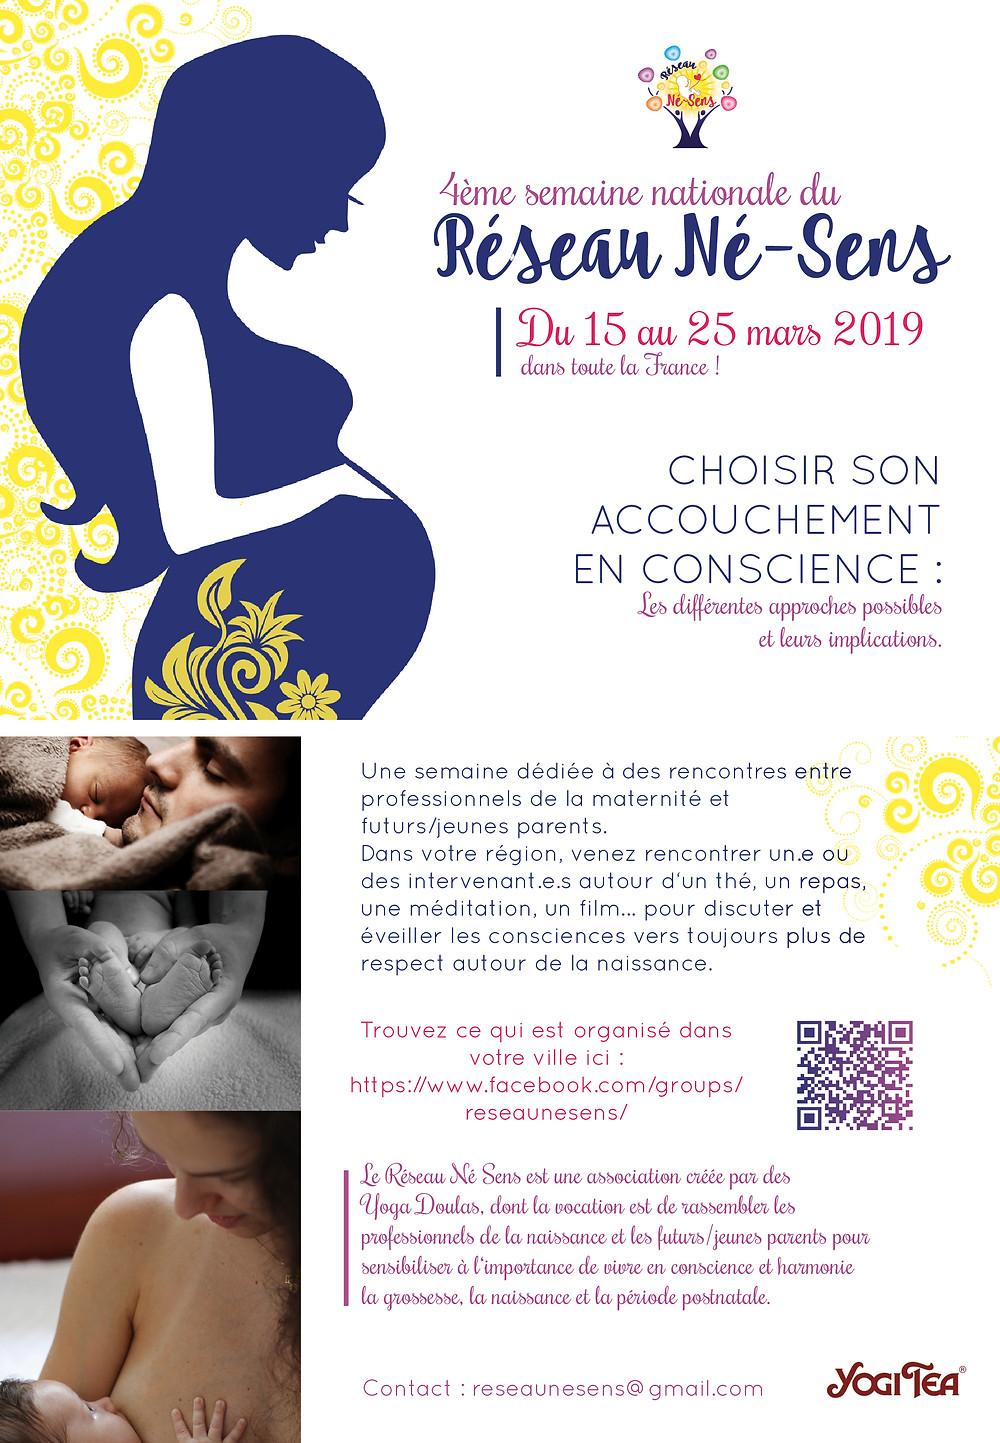 Rencontre Film/débat Samedi 23 mars de 19h à 22h Centre Yoga Vision 66 rue de la Fontaine au Roi 75011 PARIS invitées: